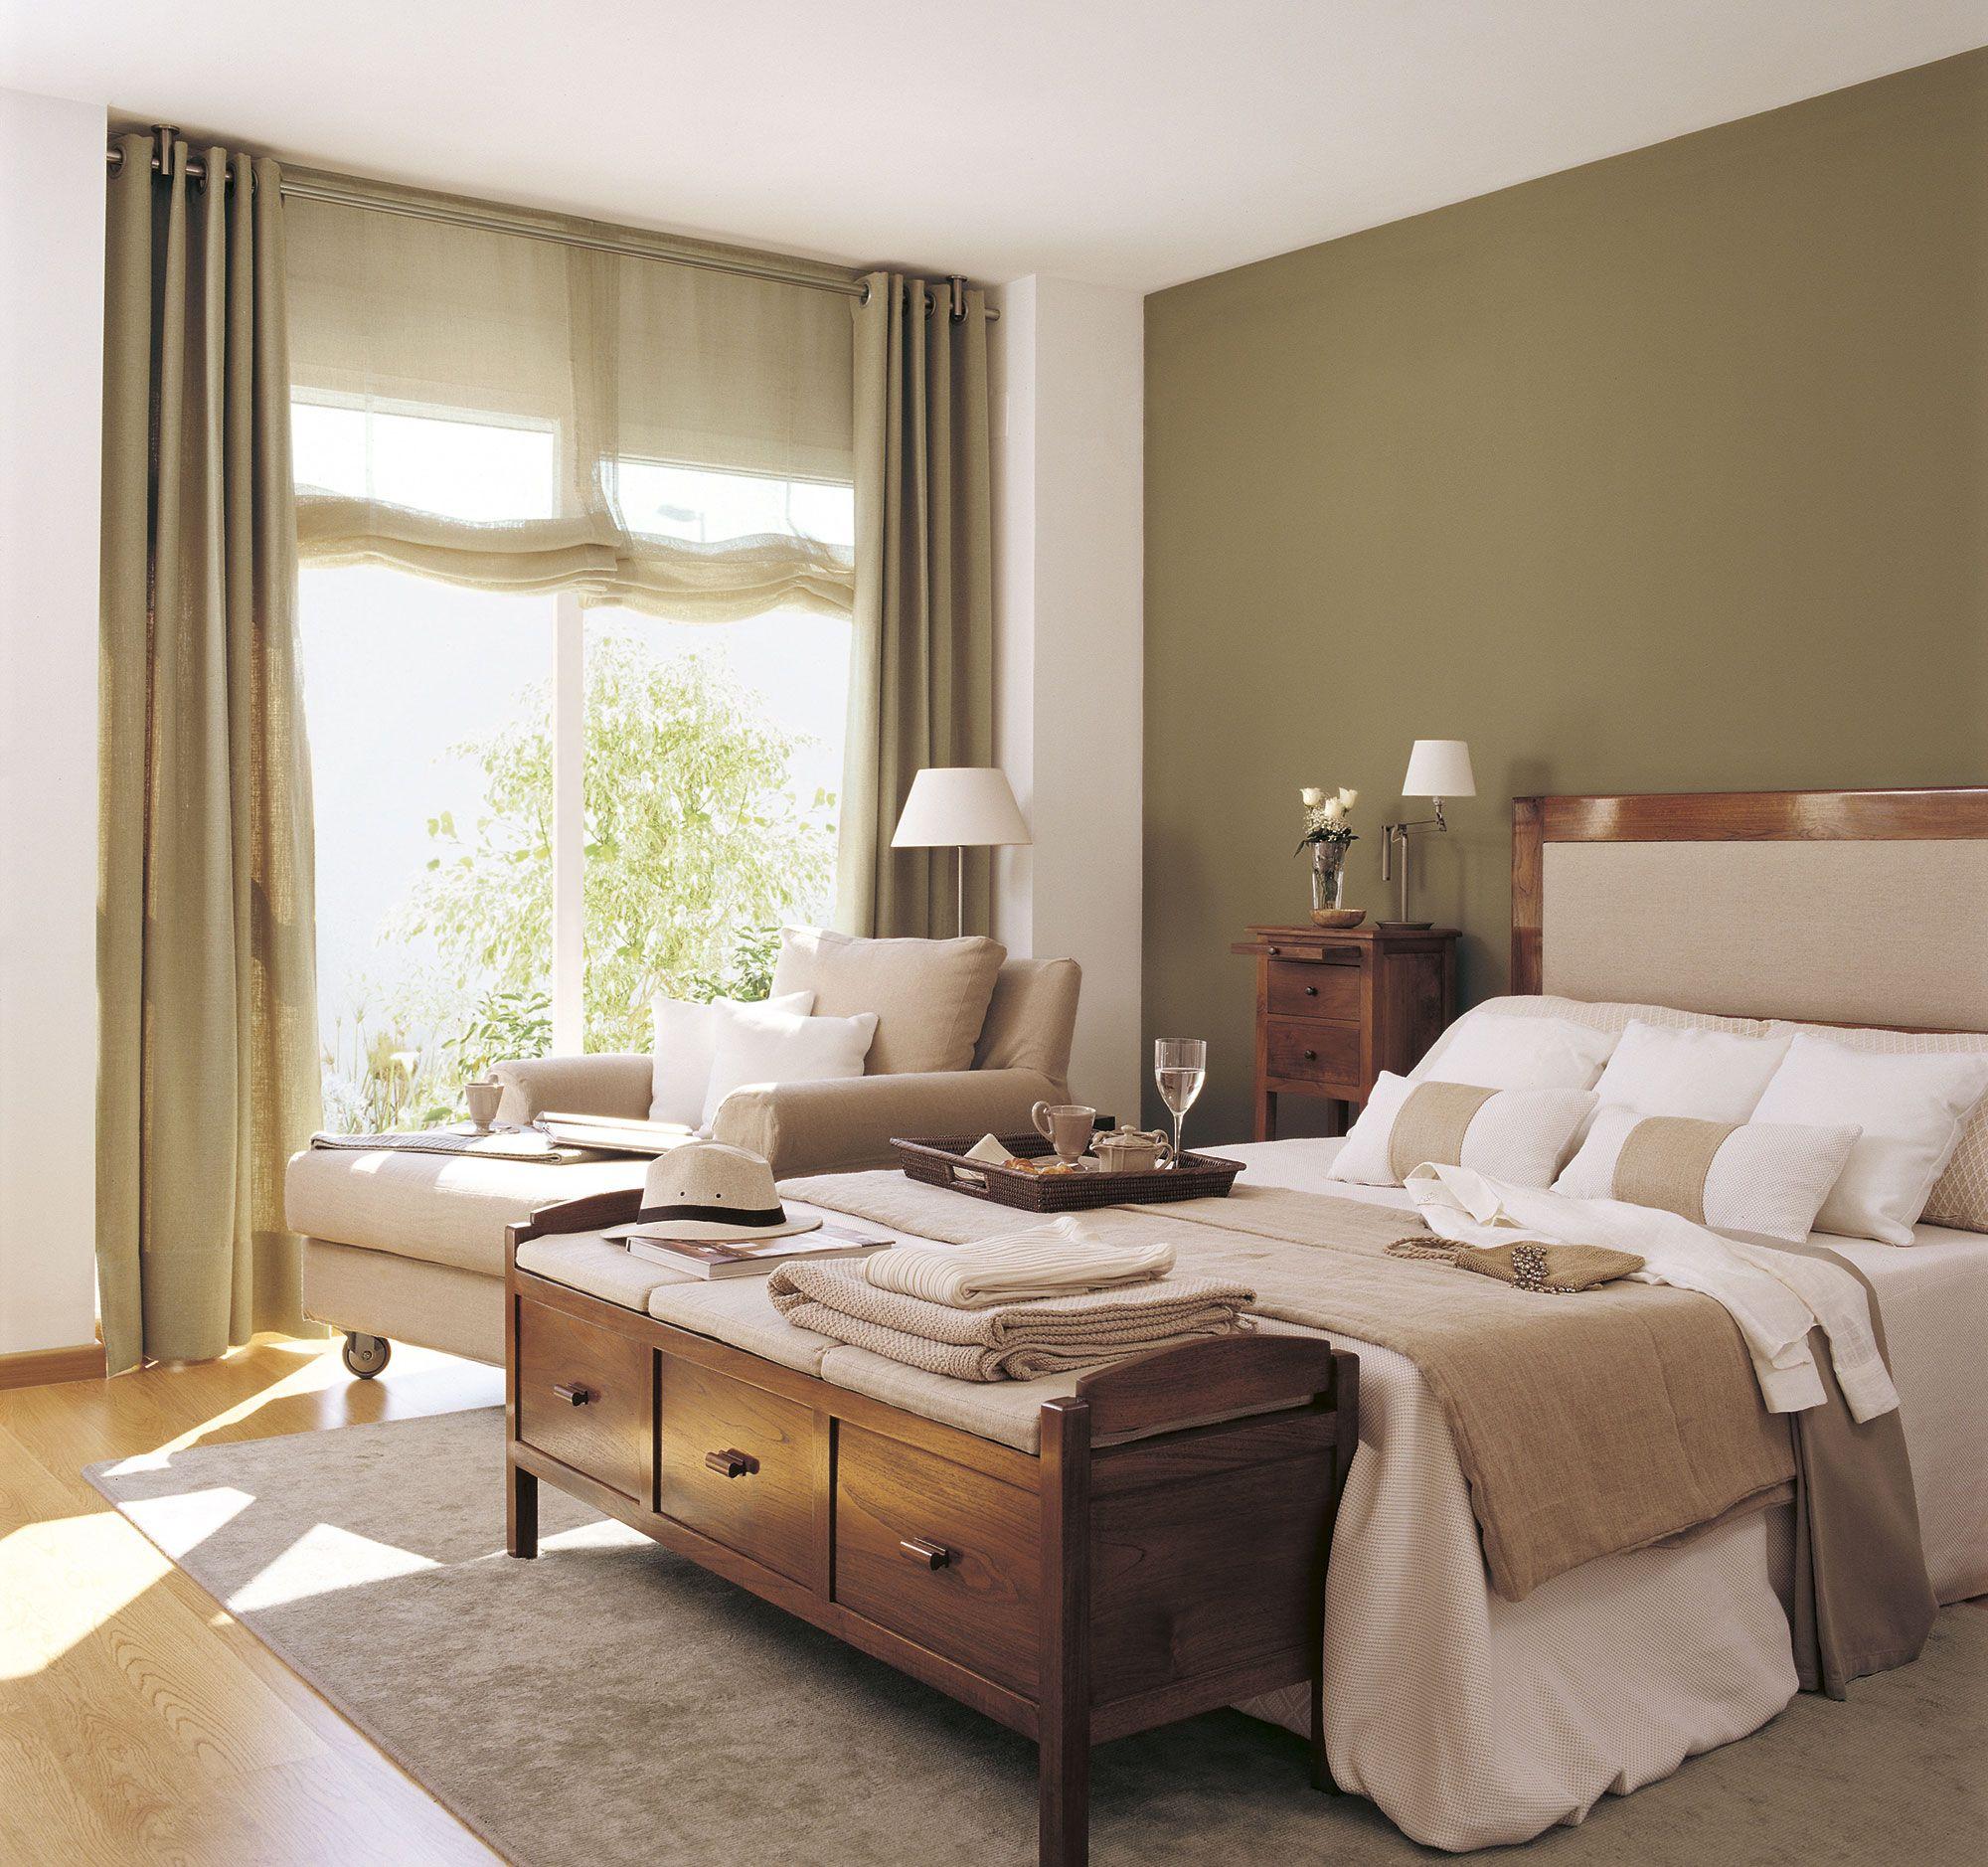 Pintura cambia tu casa con los efectos del color casa - Pintar pared dormitorio ...